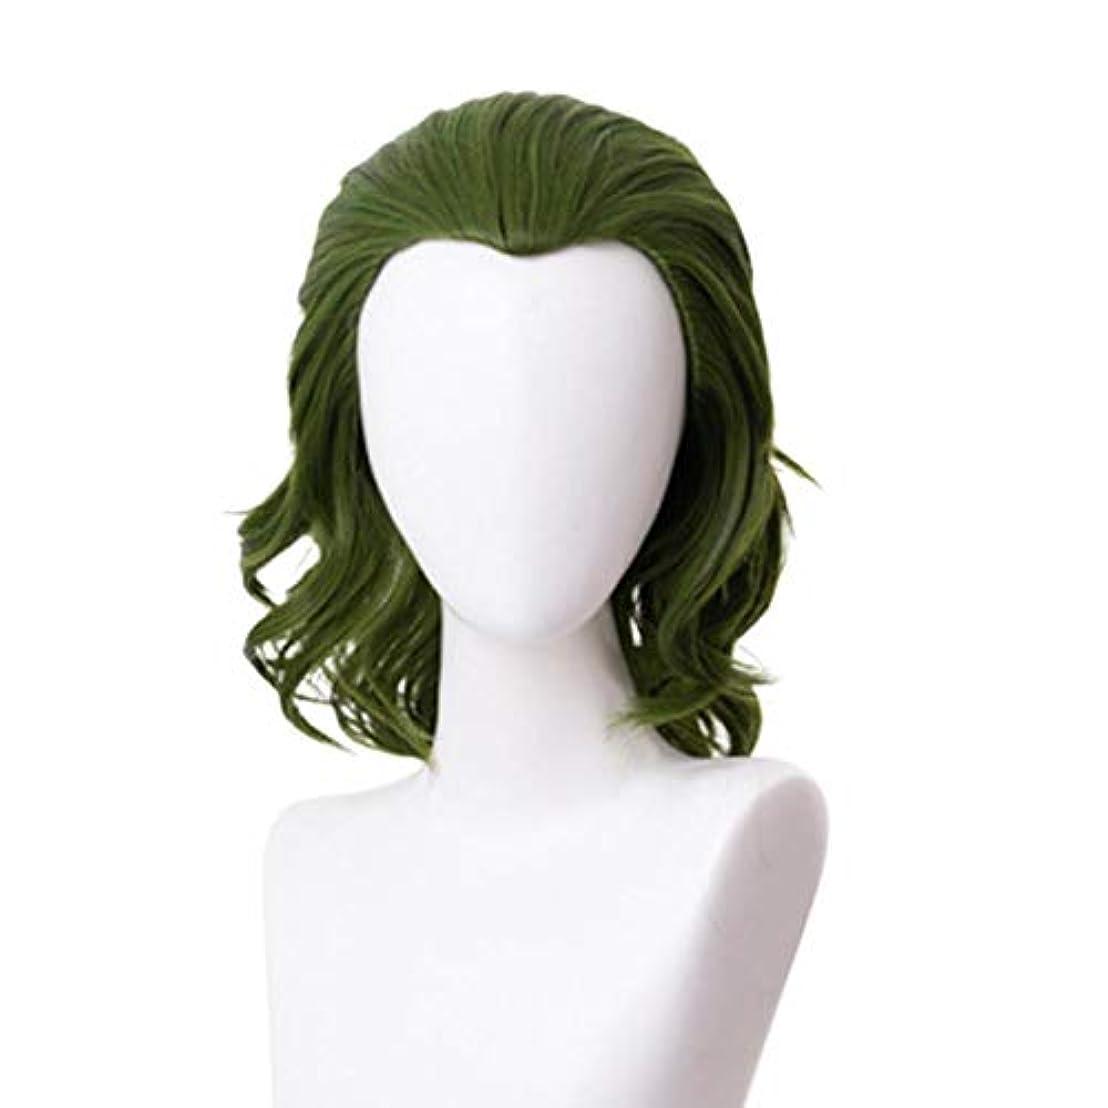 不承認残忍な割るBETTER YOU (ベター ュー) ピエロコスウィッグ、美容メイク、メイクウィッグ、高温シルク、抗熱傷、糸くずの出ない、緑